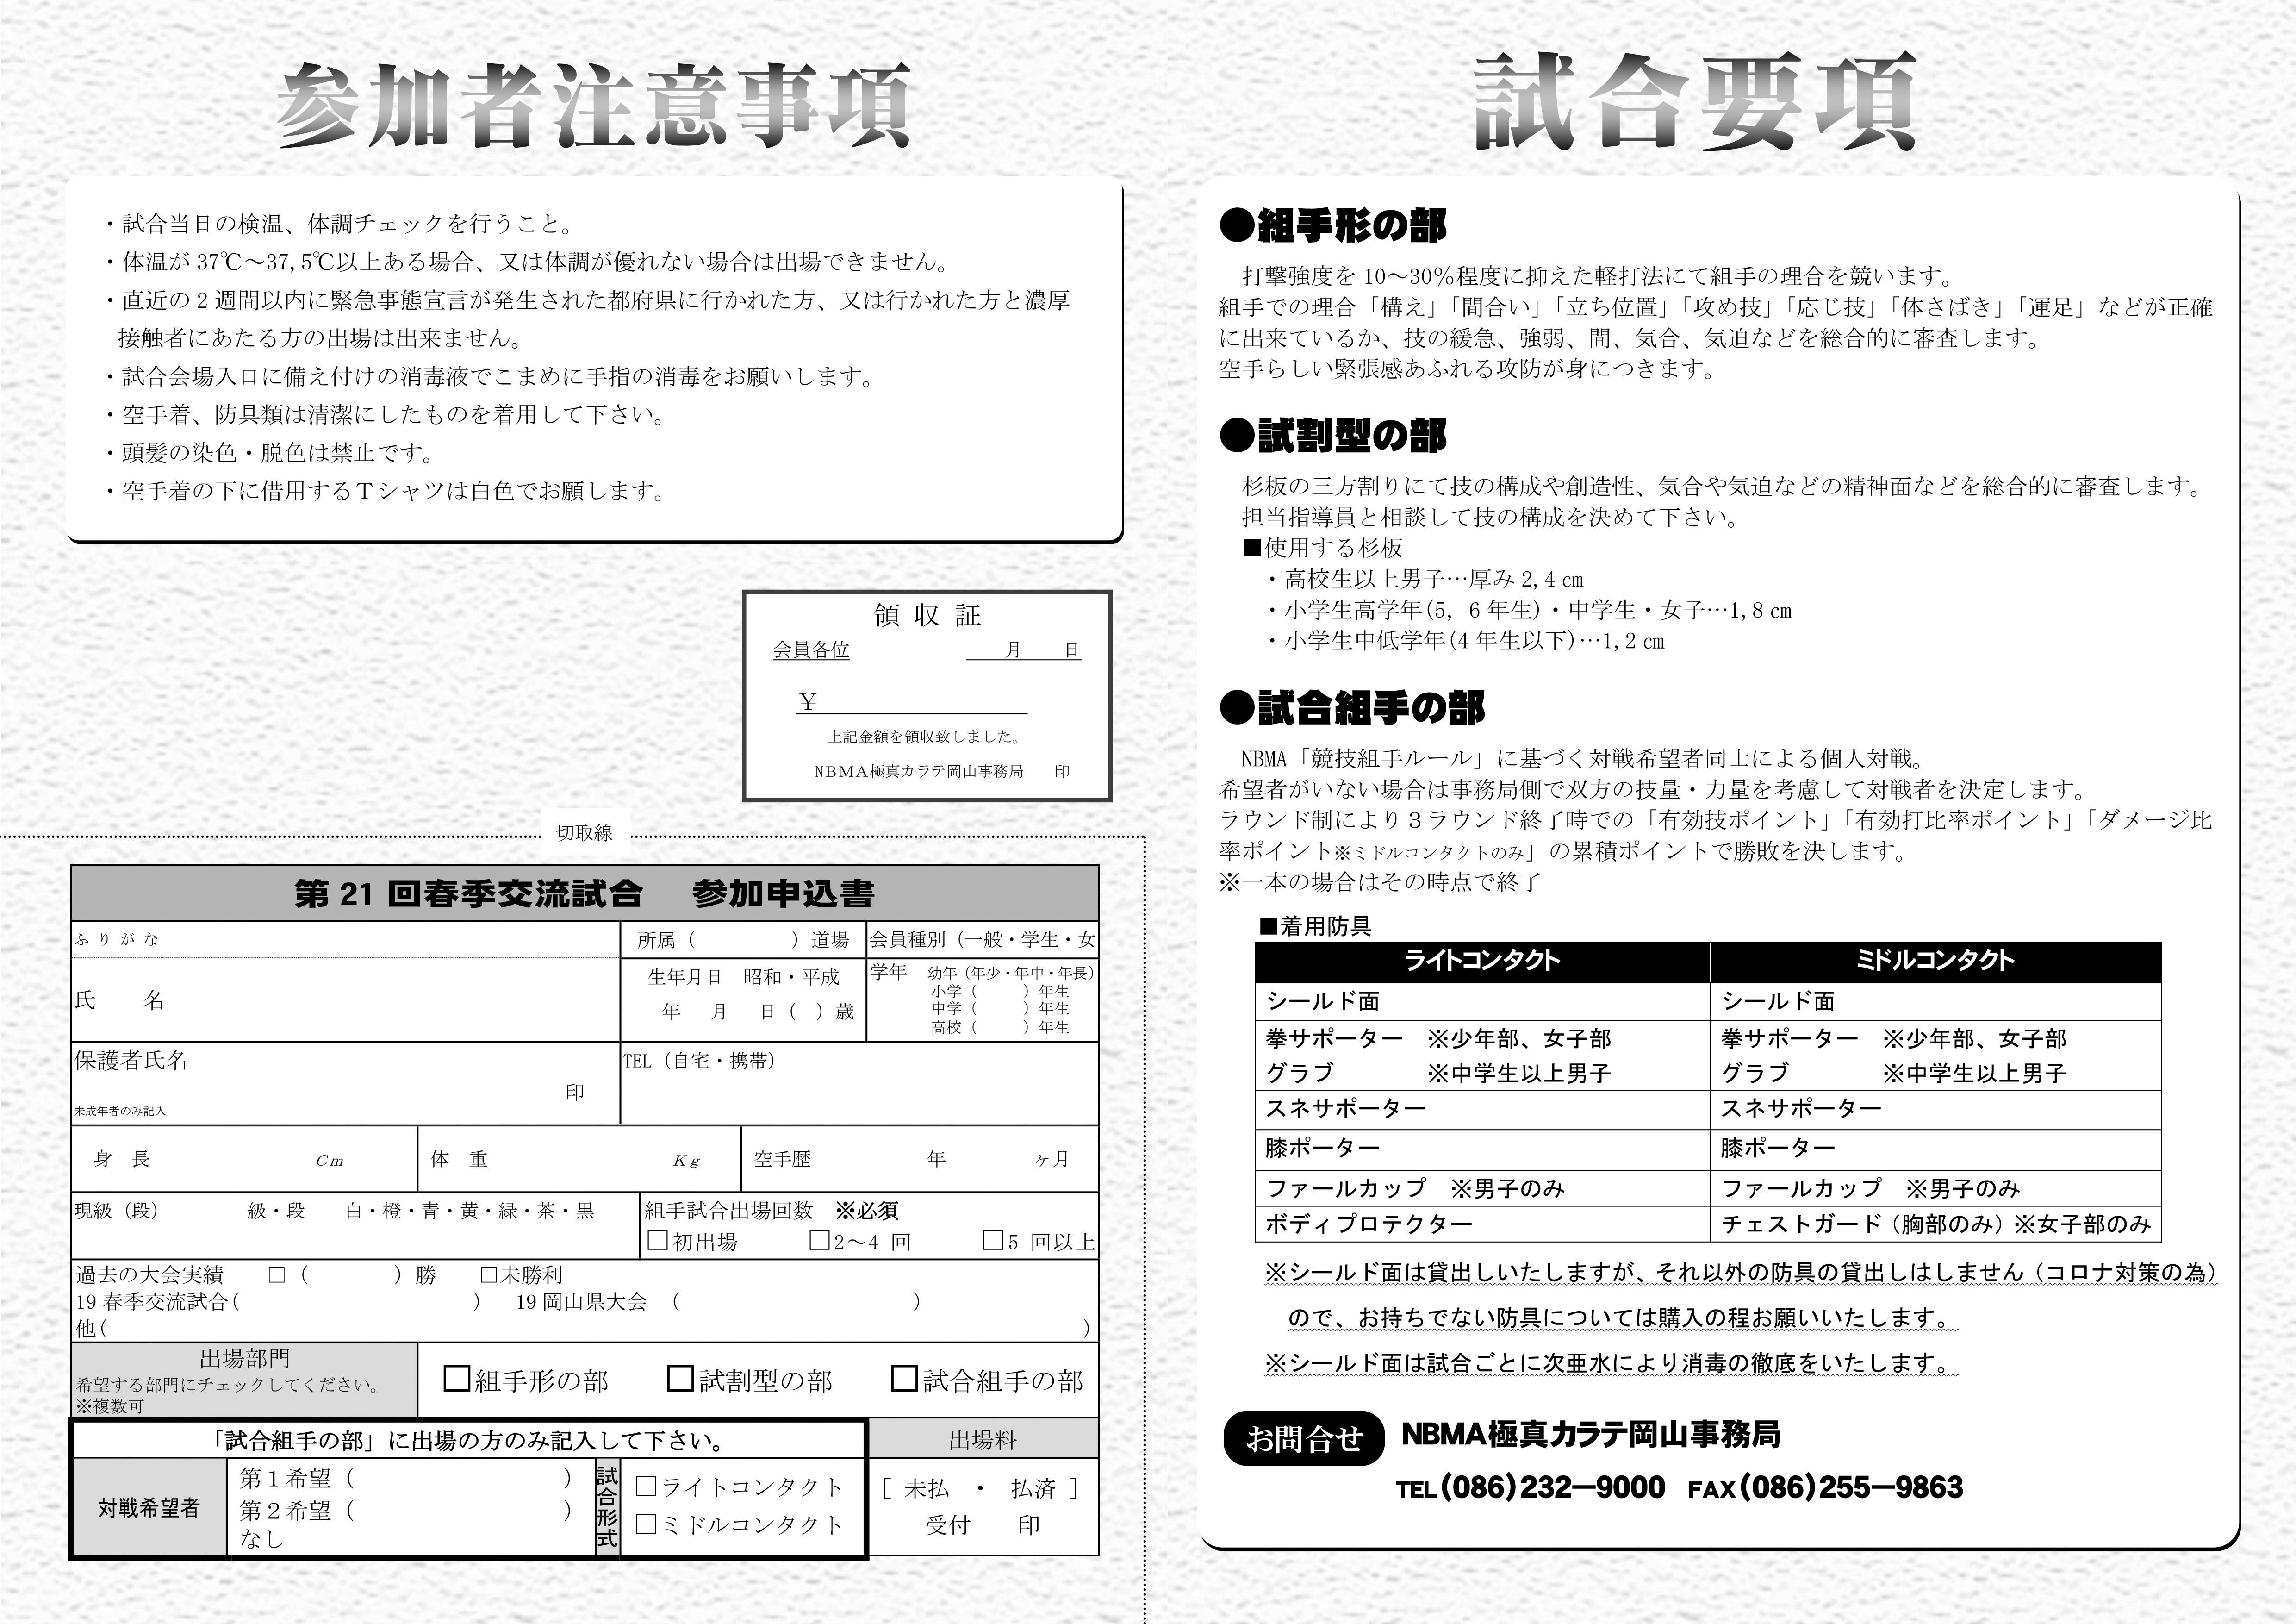 ★2021春季交流試合申込書(組手形試割形試合組手)-2